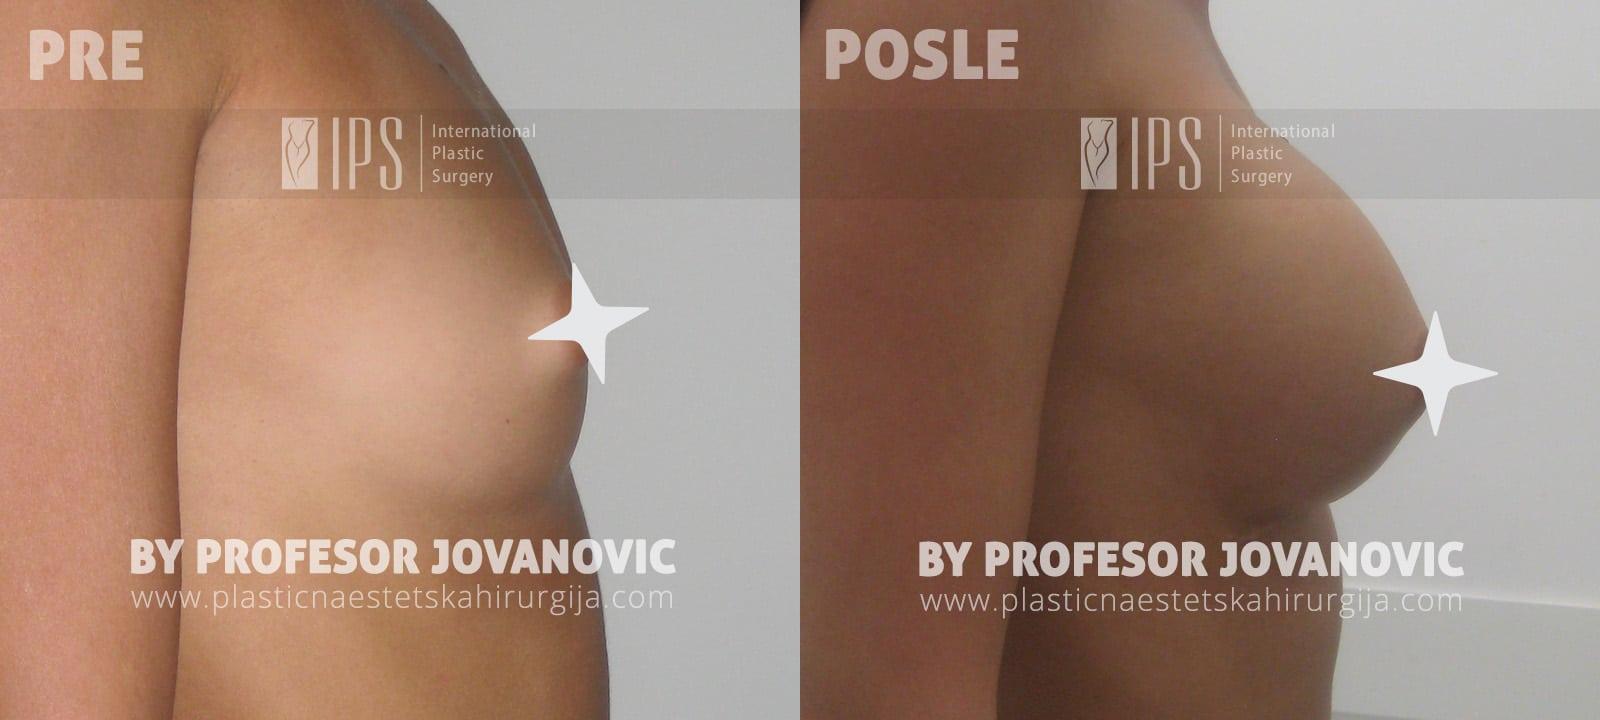 Povećanje grudi - pre i posle, desni bok